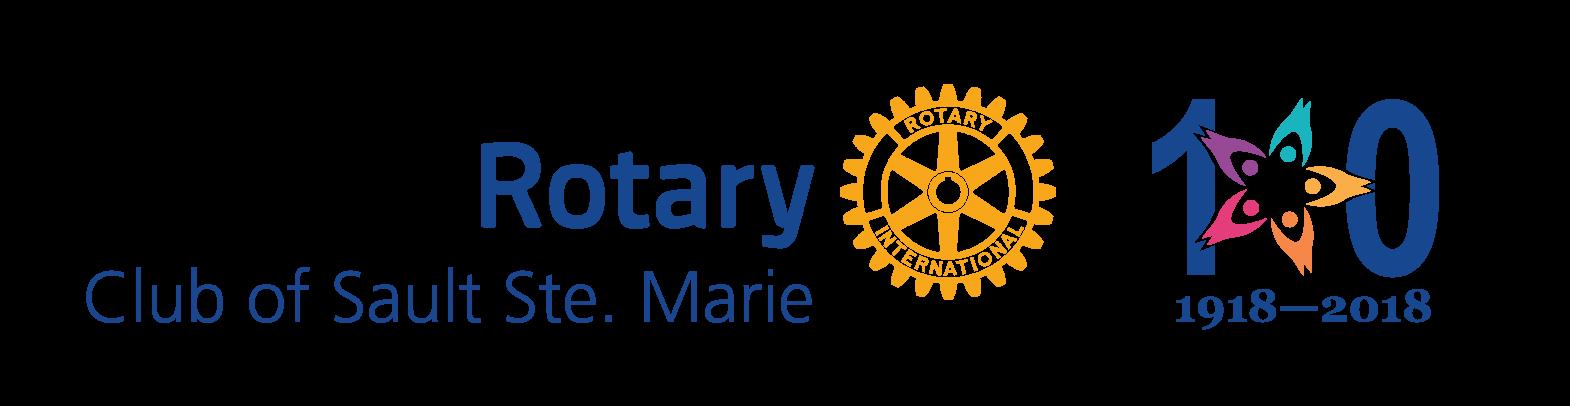 Rotary Celebrates 100